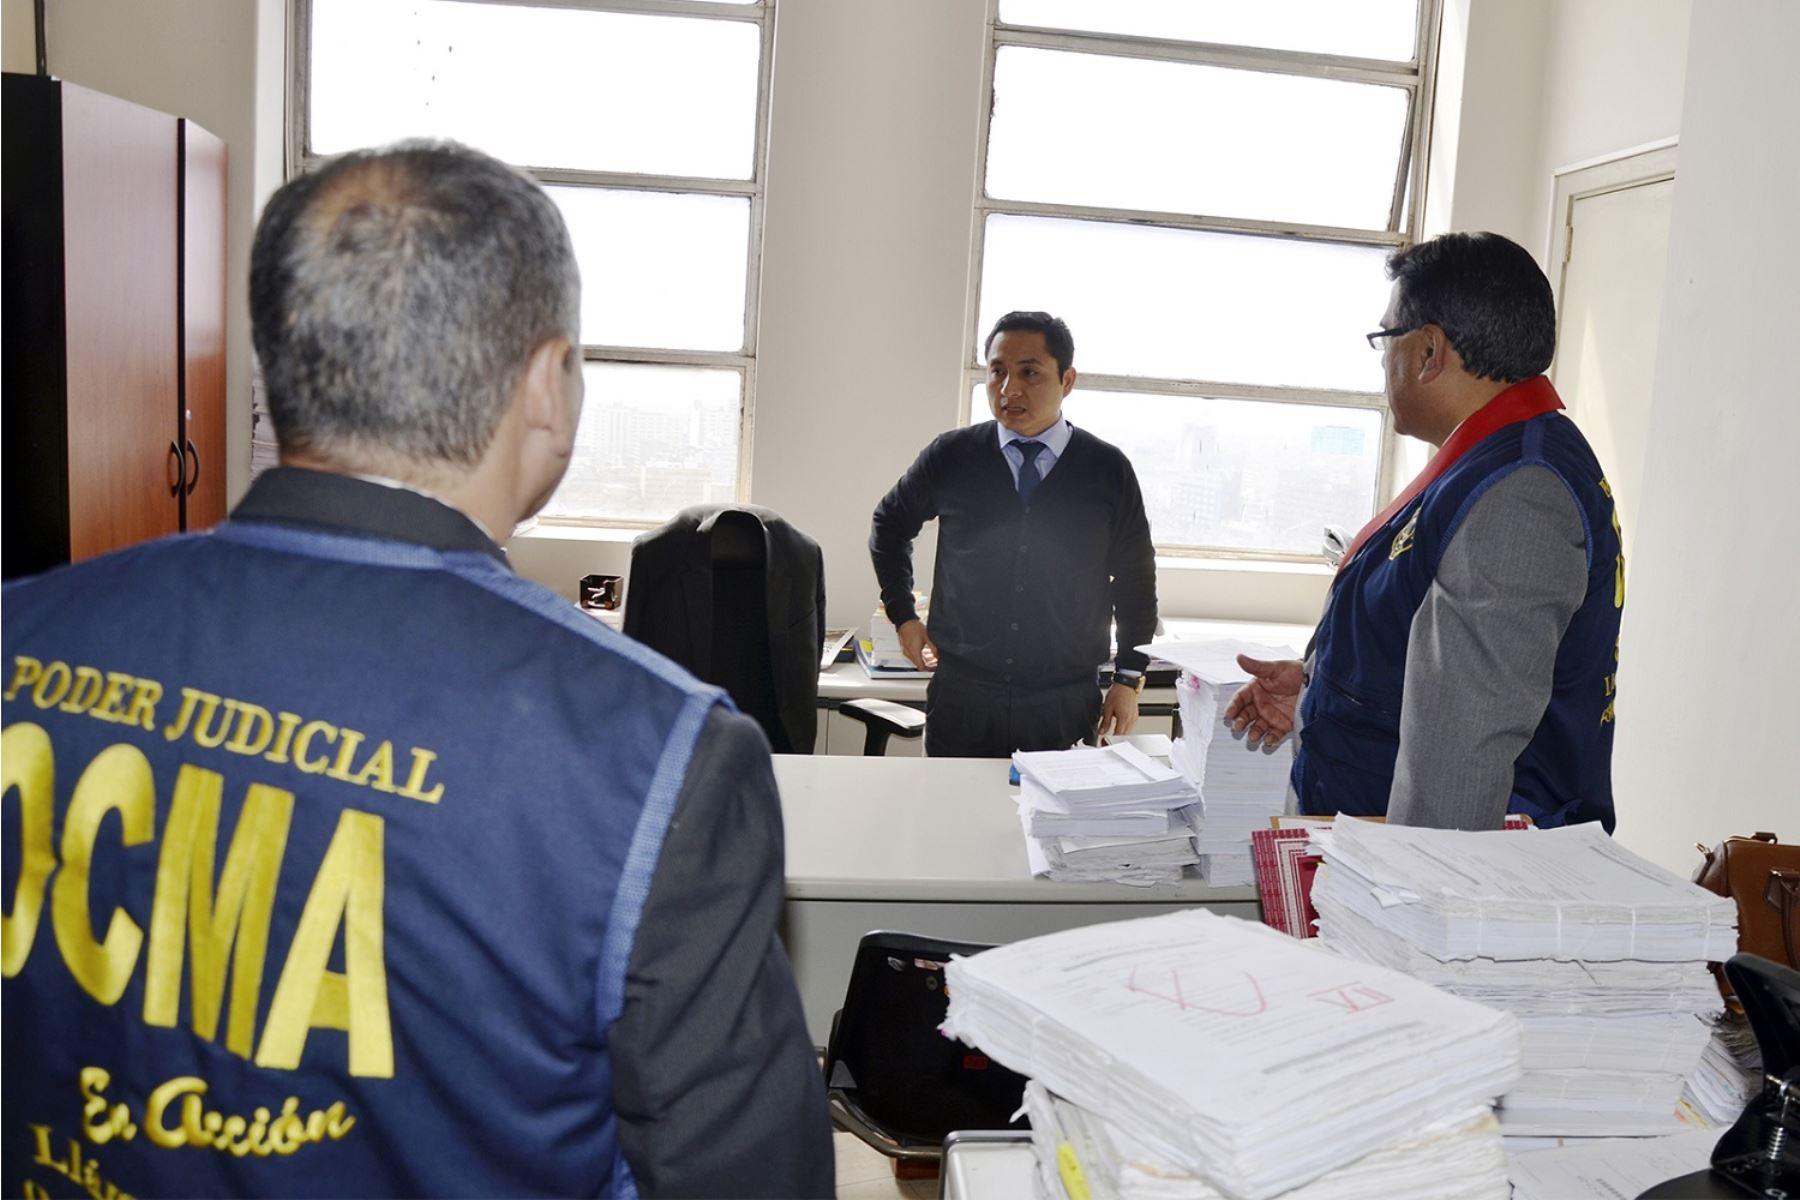 Intervención en el despacho del juez superior Hugo Velásquez Zavaleta por parte del personal de la OCMA.